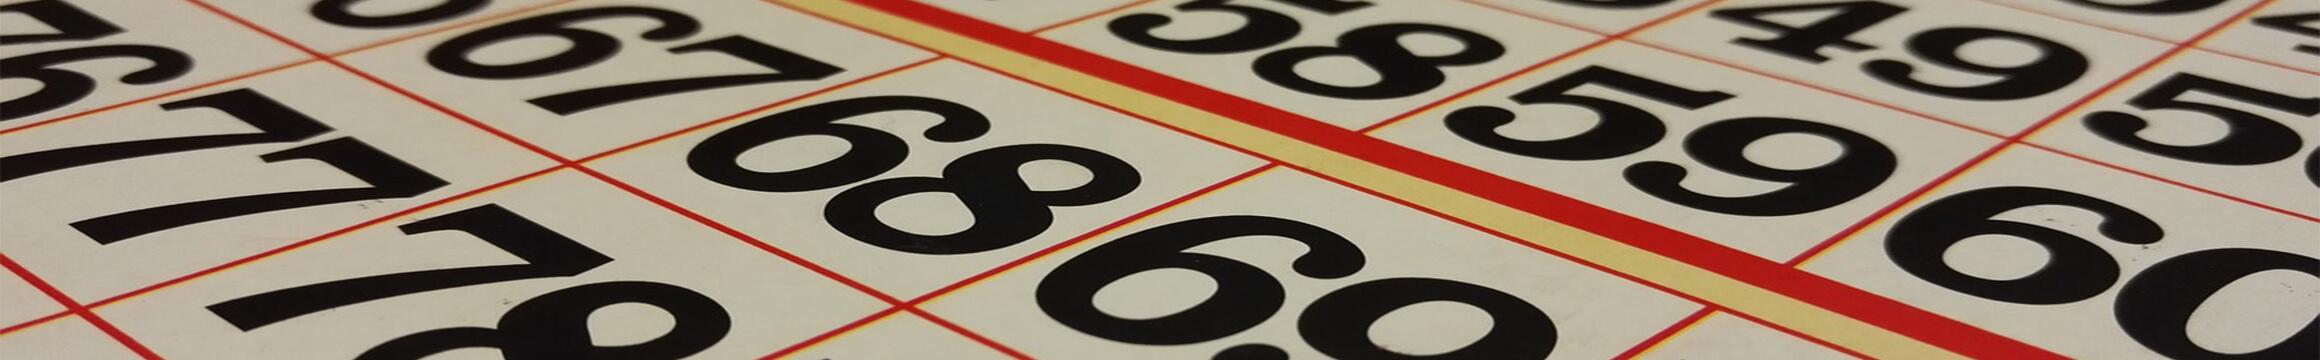 Bingo01